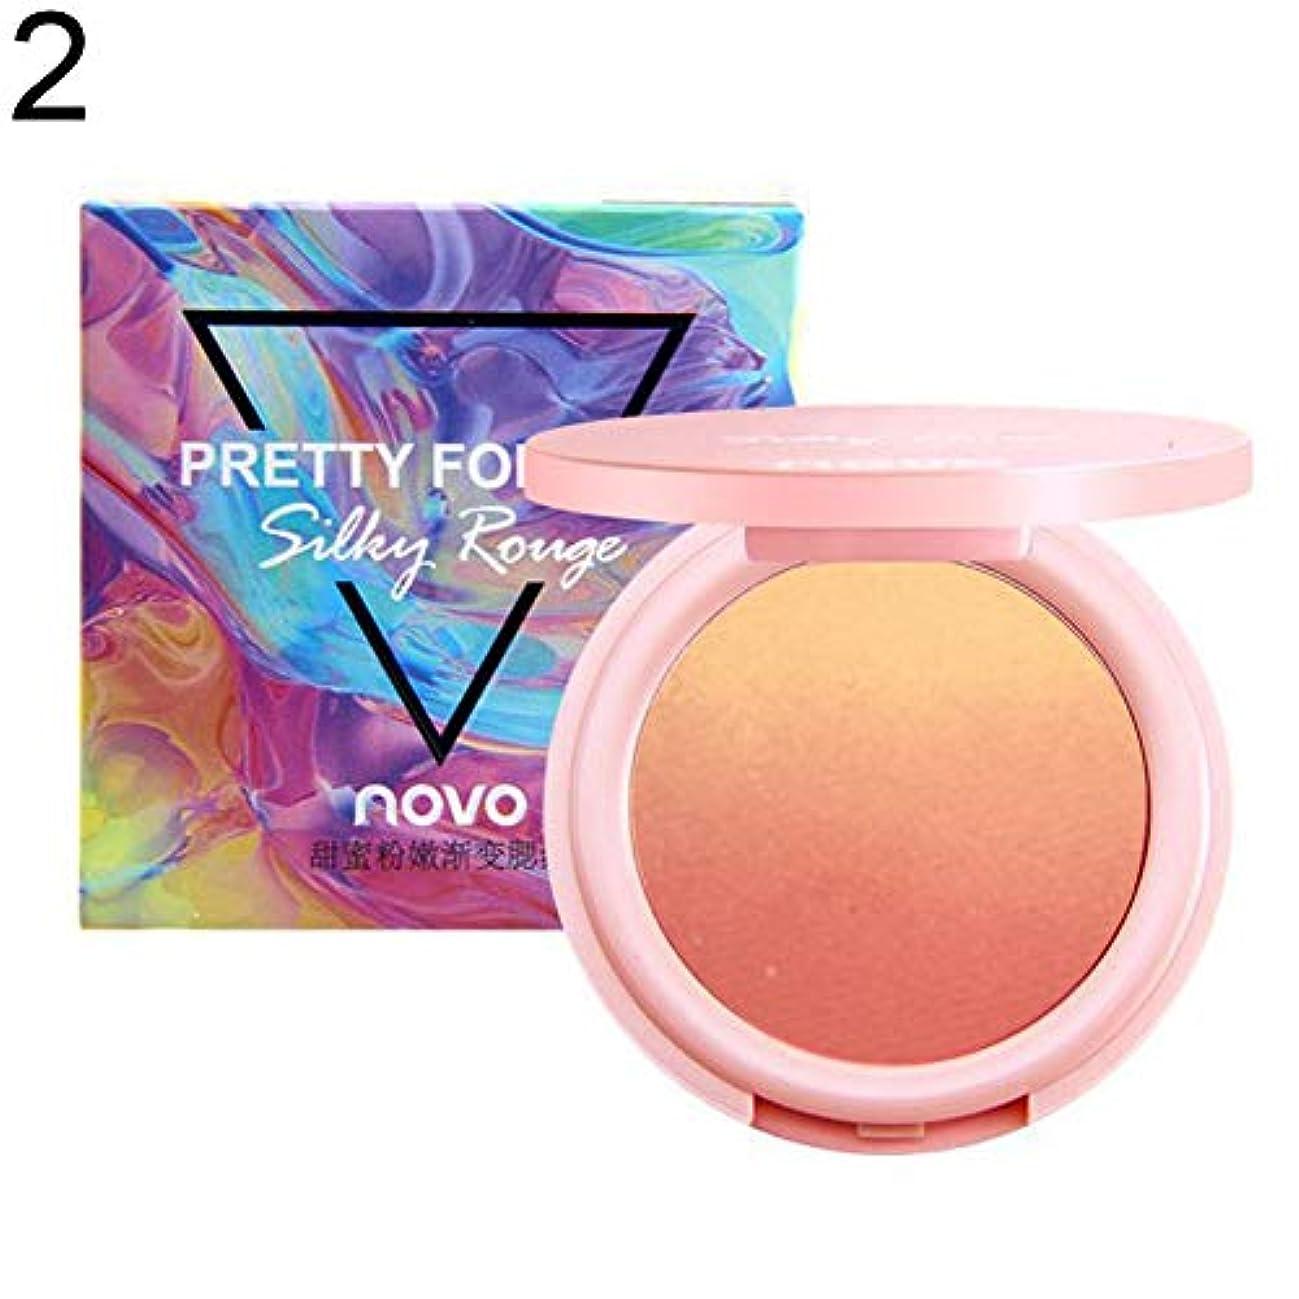 スカーフプレミア練習したNOVOプロ2色フェイスブラッシャーパウダー長続きがする明るく頬化粧品 - 2#